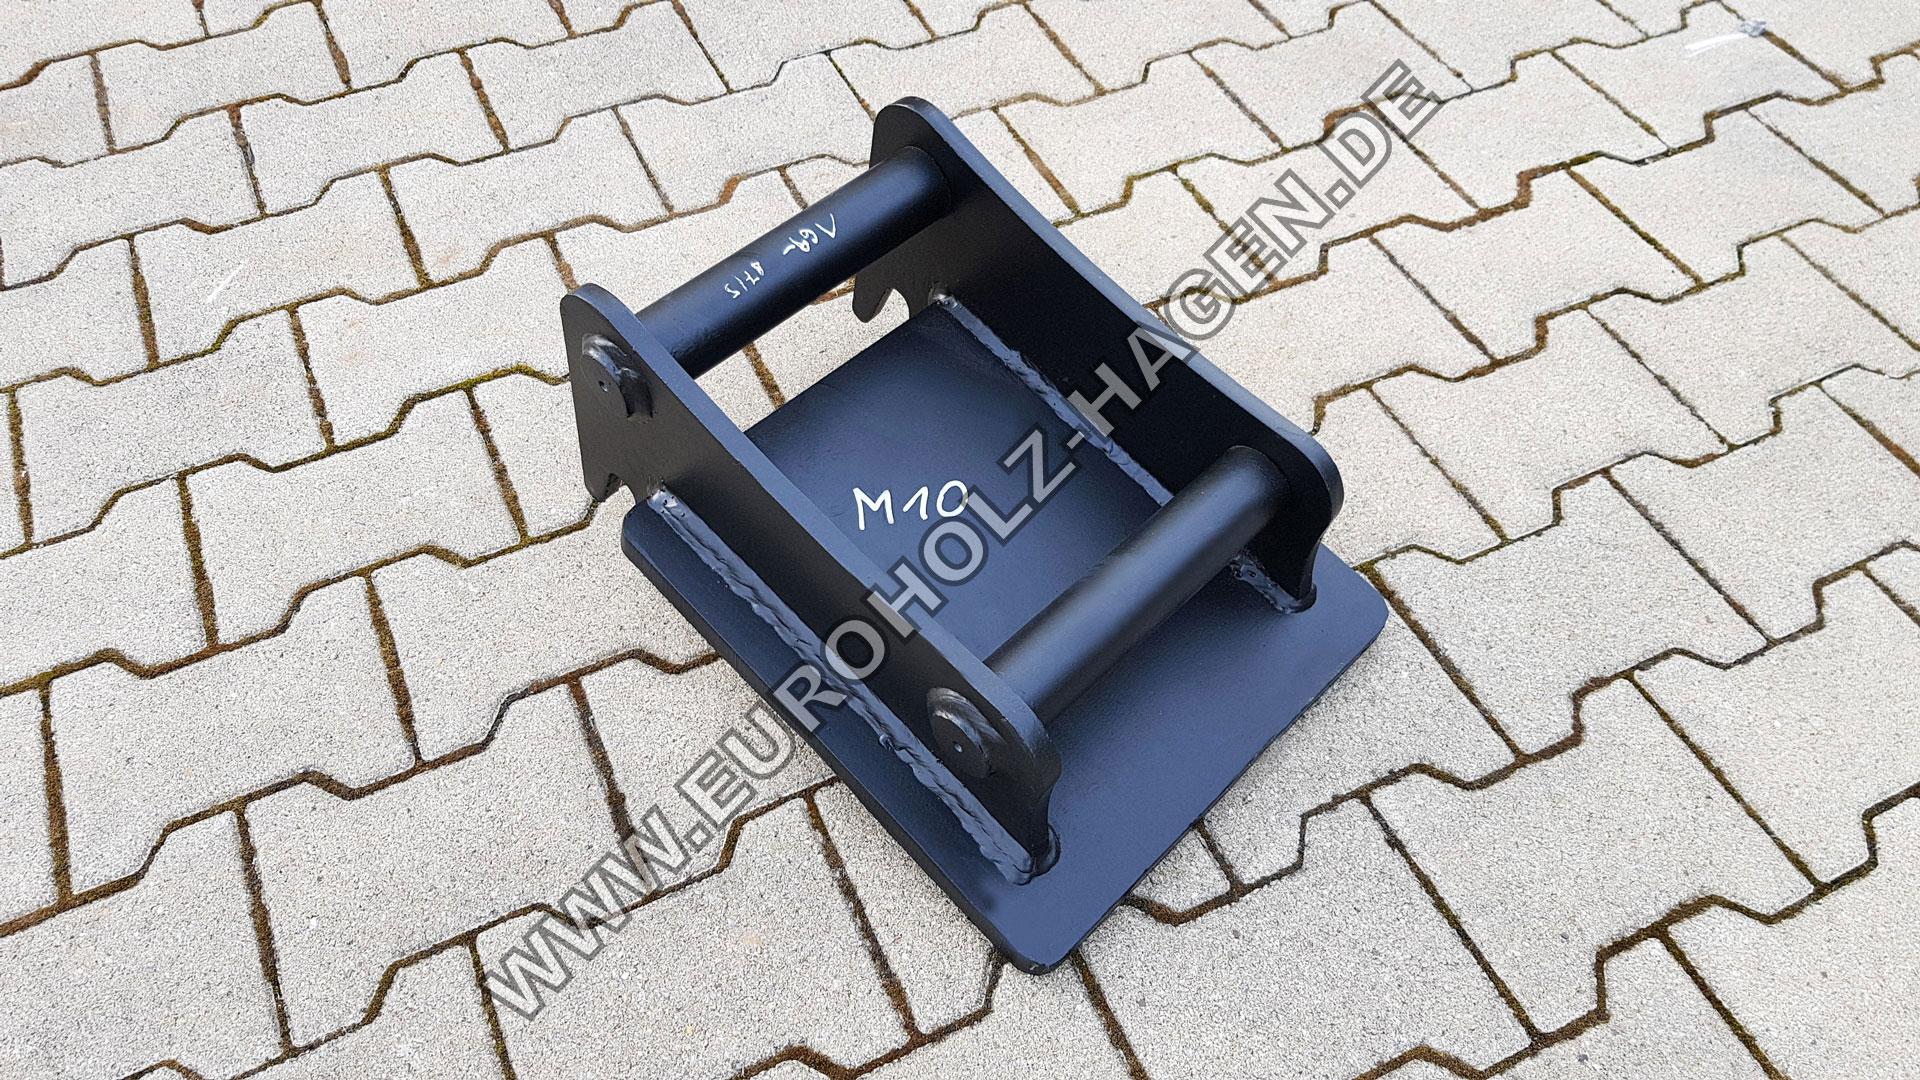 M10/Platz unbeschichtetes U Schrauben f/ür Boot-Anh/änger 60/mm Breite x 100/mm L/änge